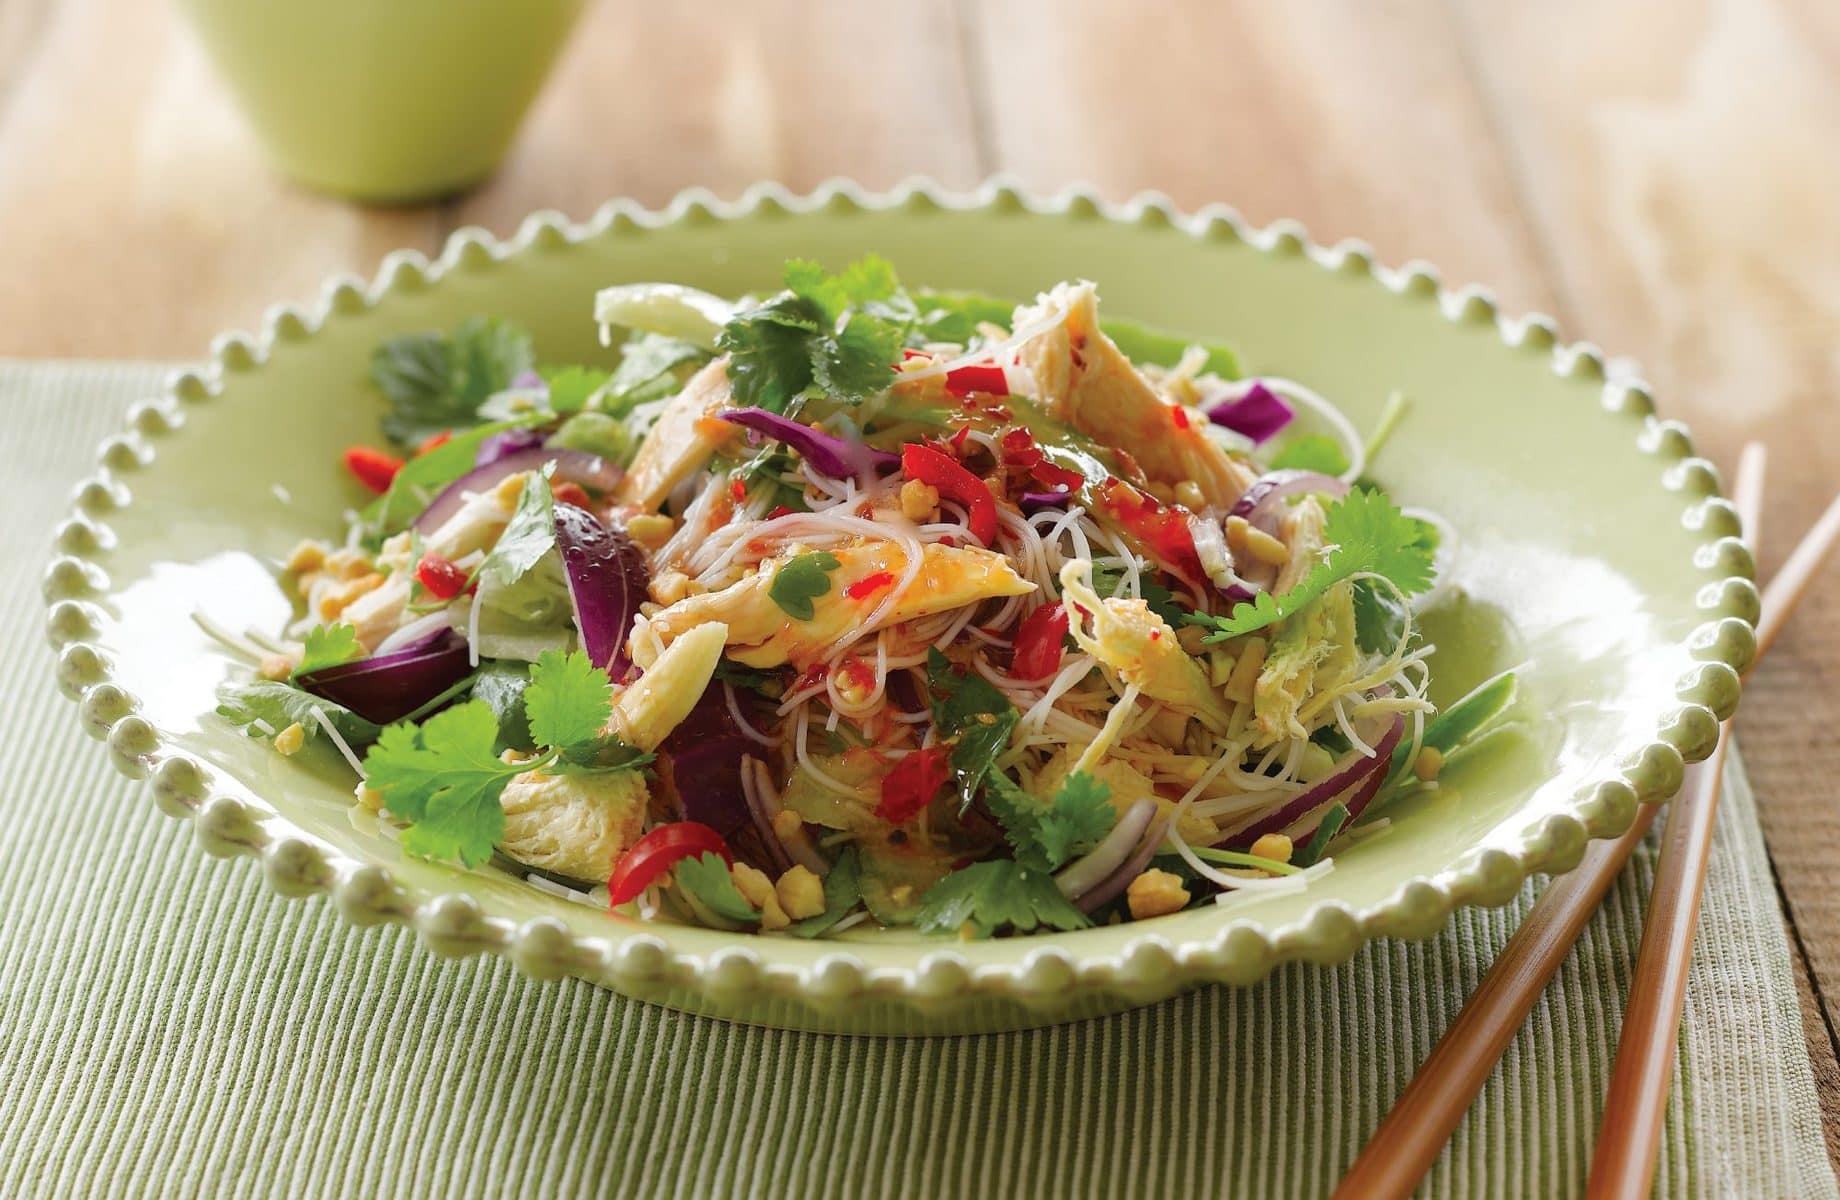 Coriander and chicken vermicelli salad